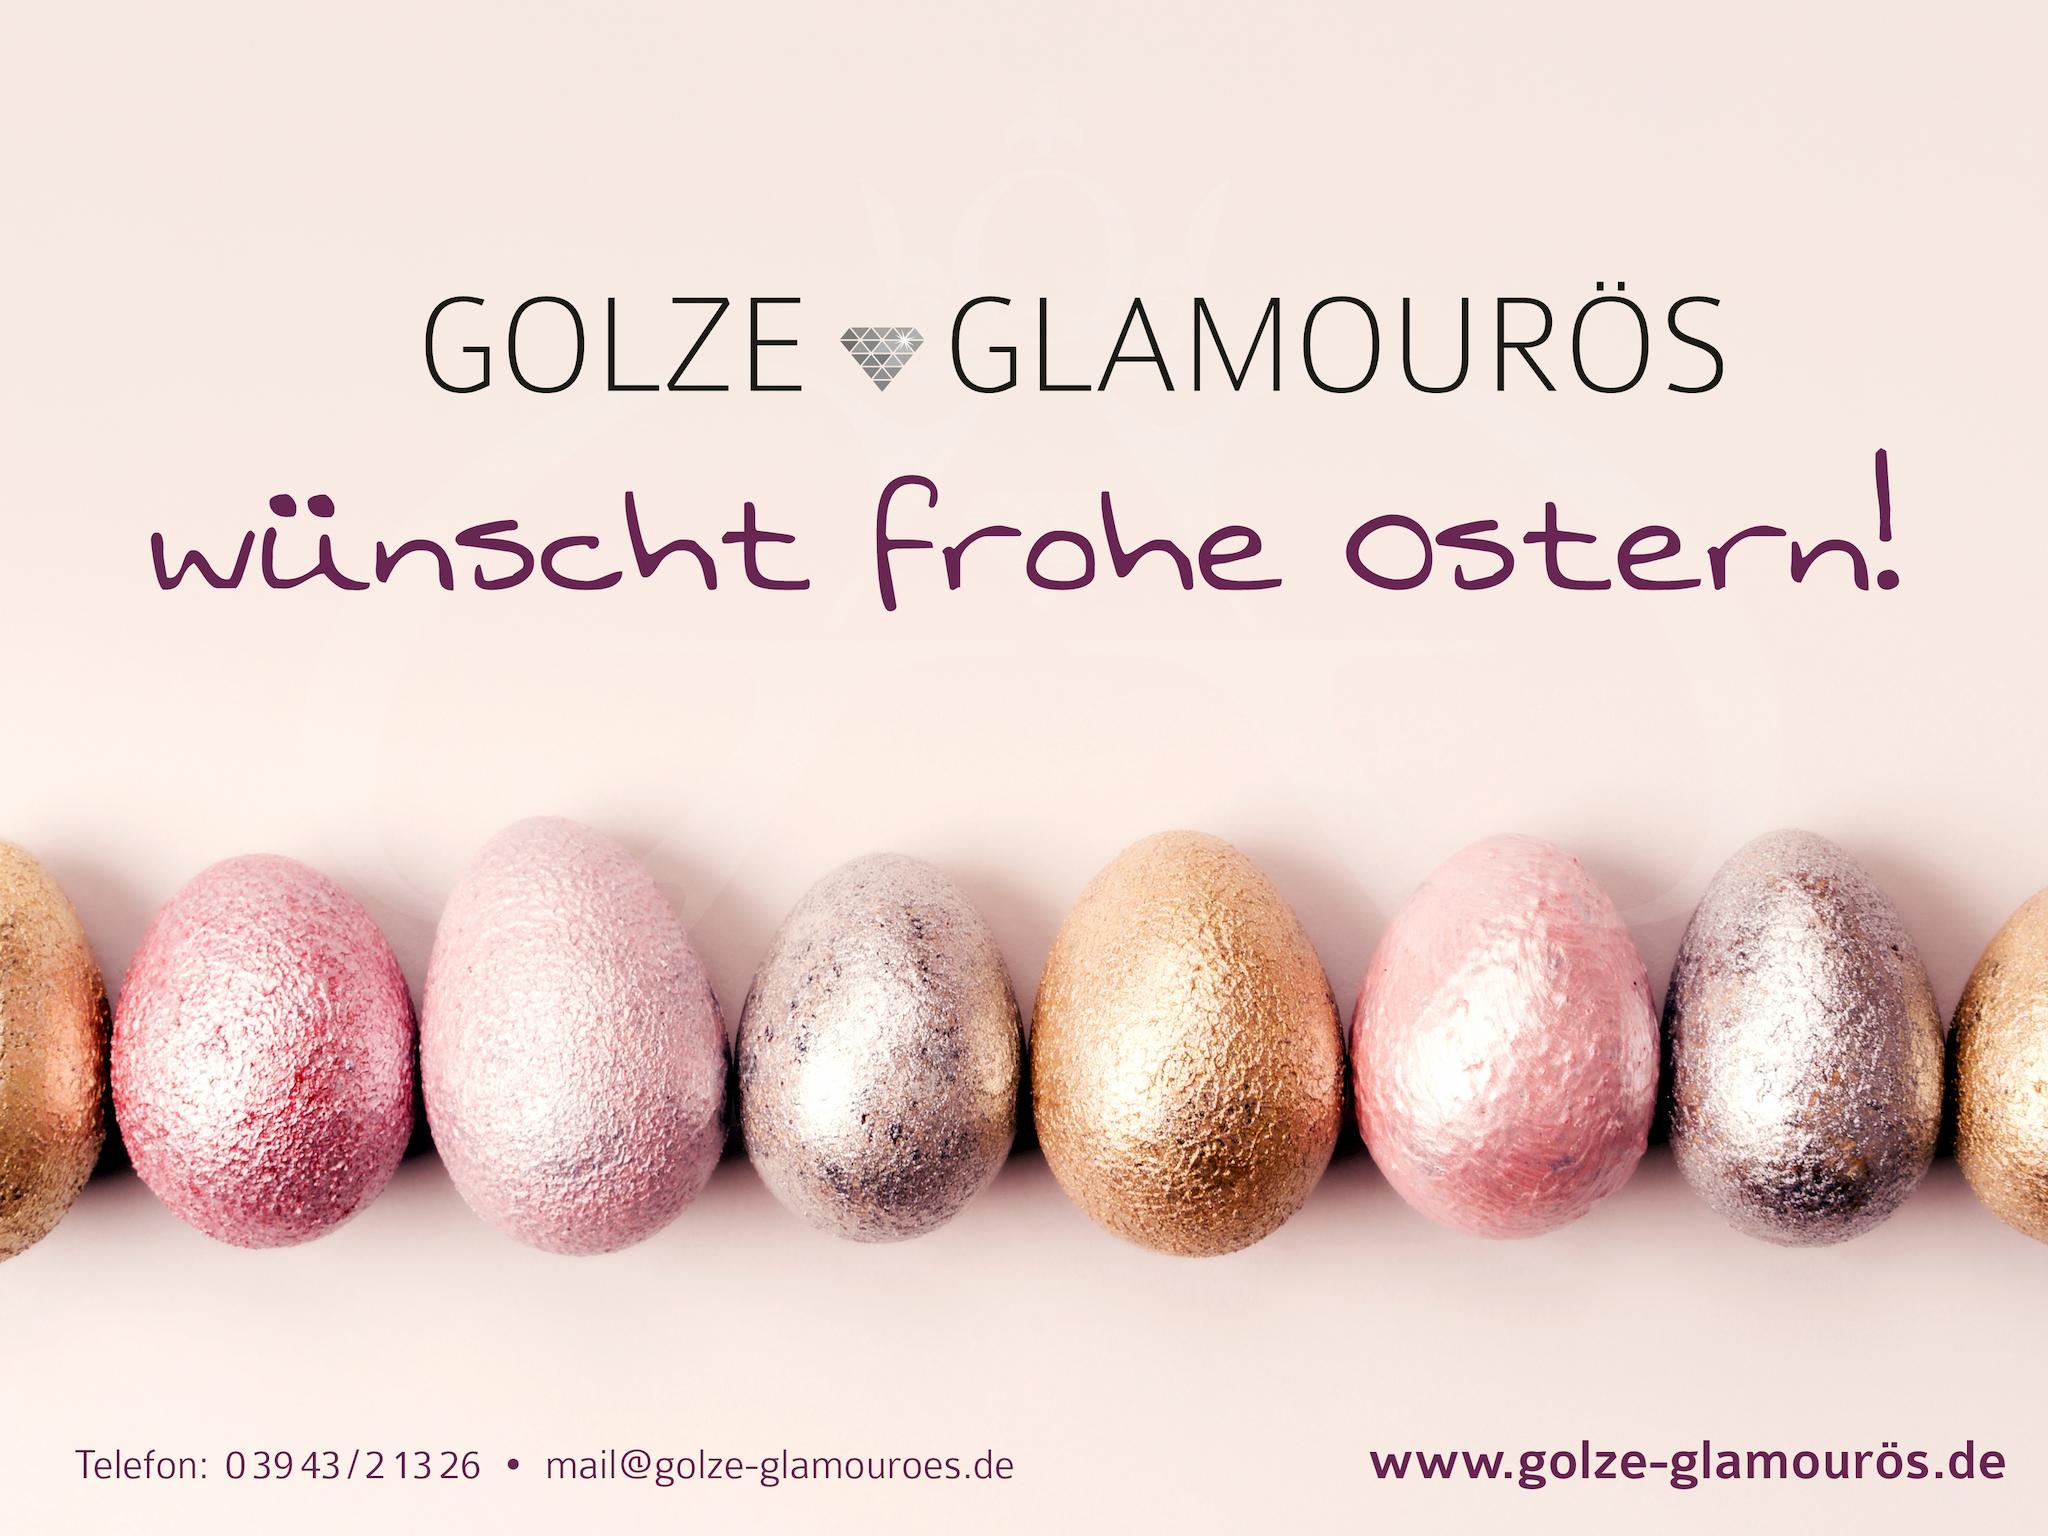 Golze Glamourös wünscht frohe Ostern_2020